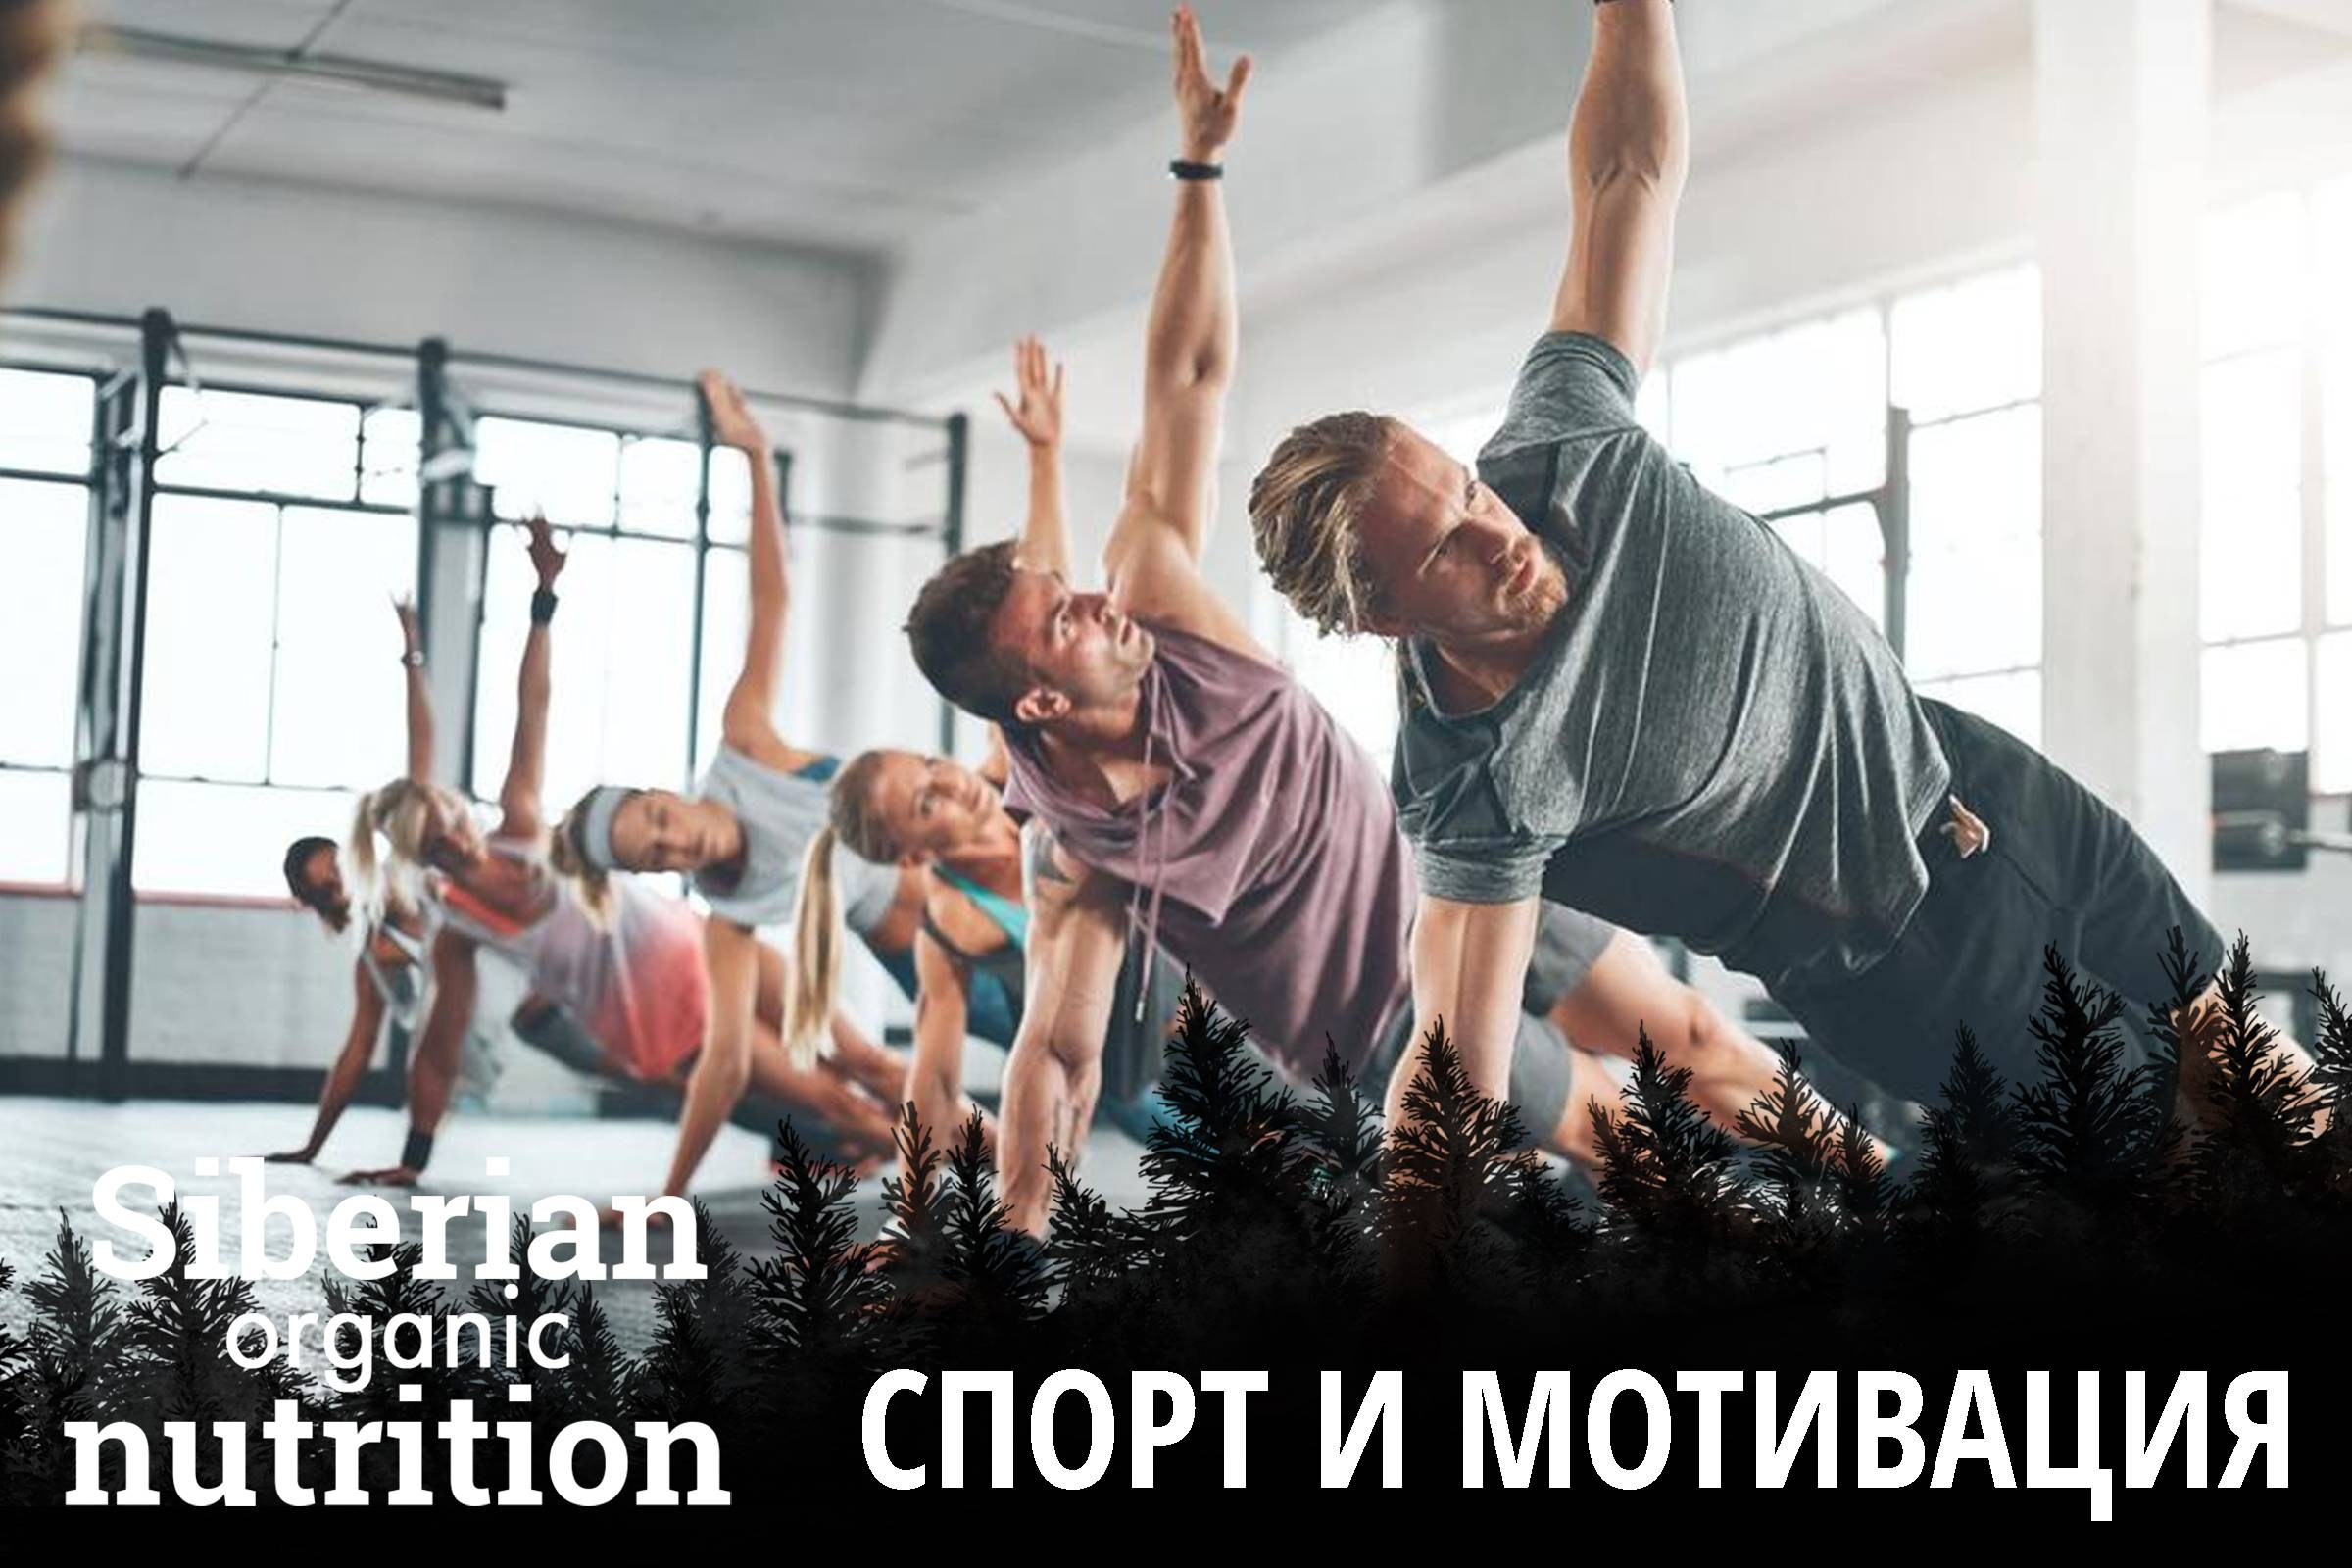 Как мотивировать себя на здоровый образ жизни?